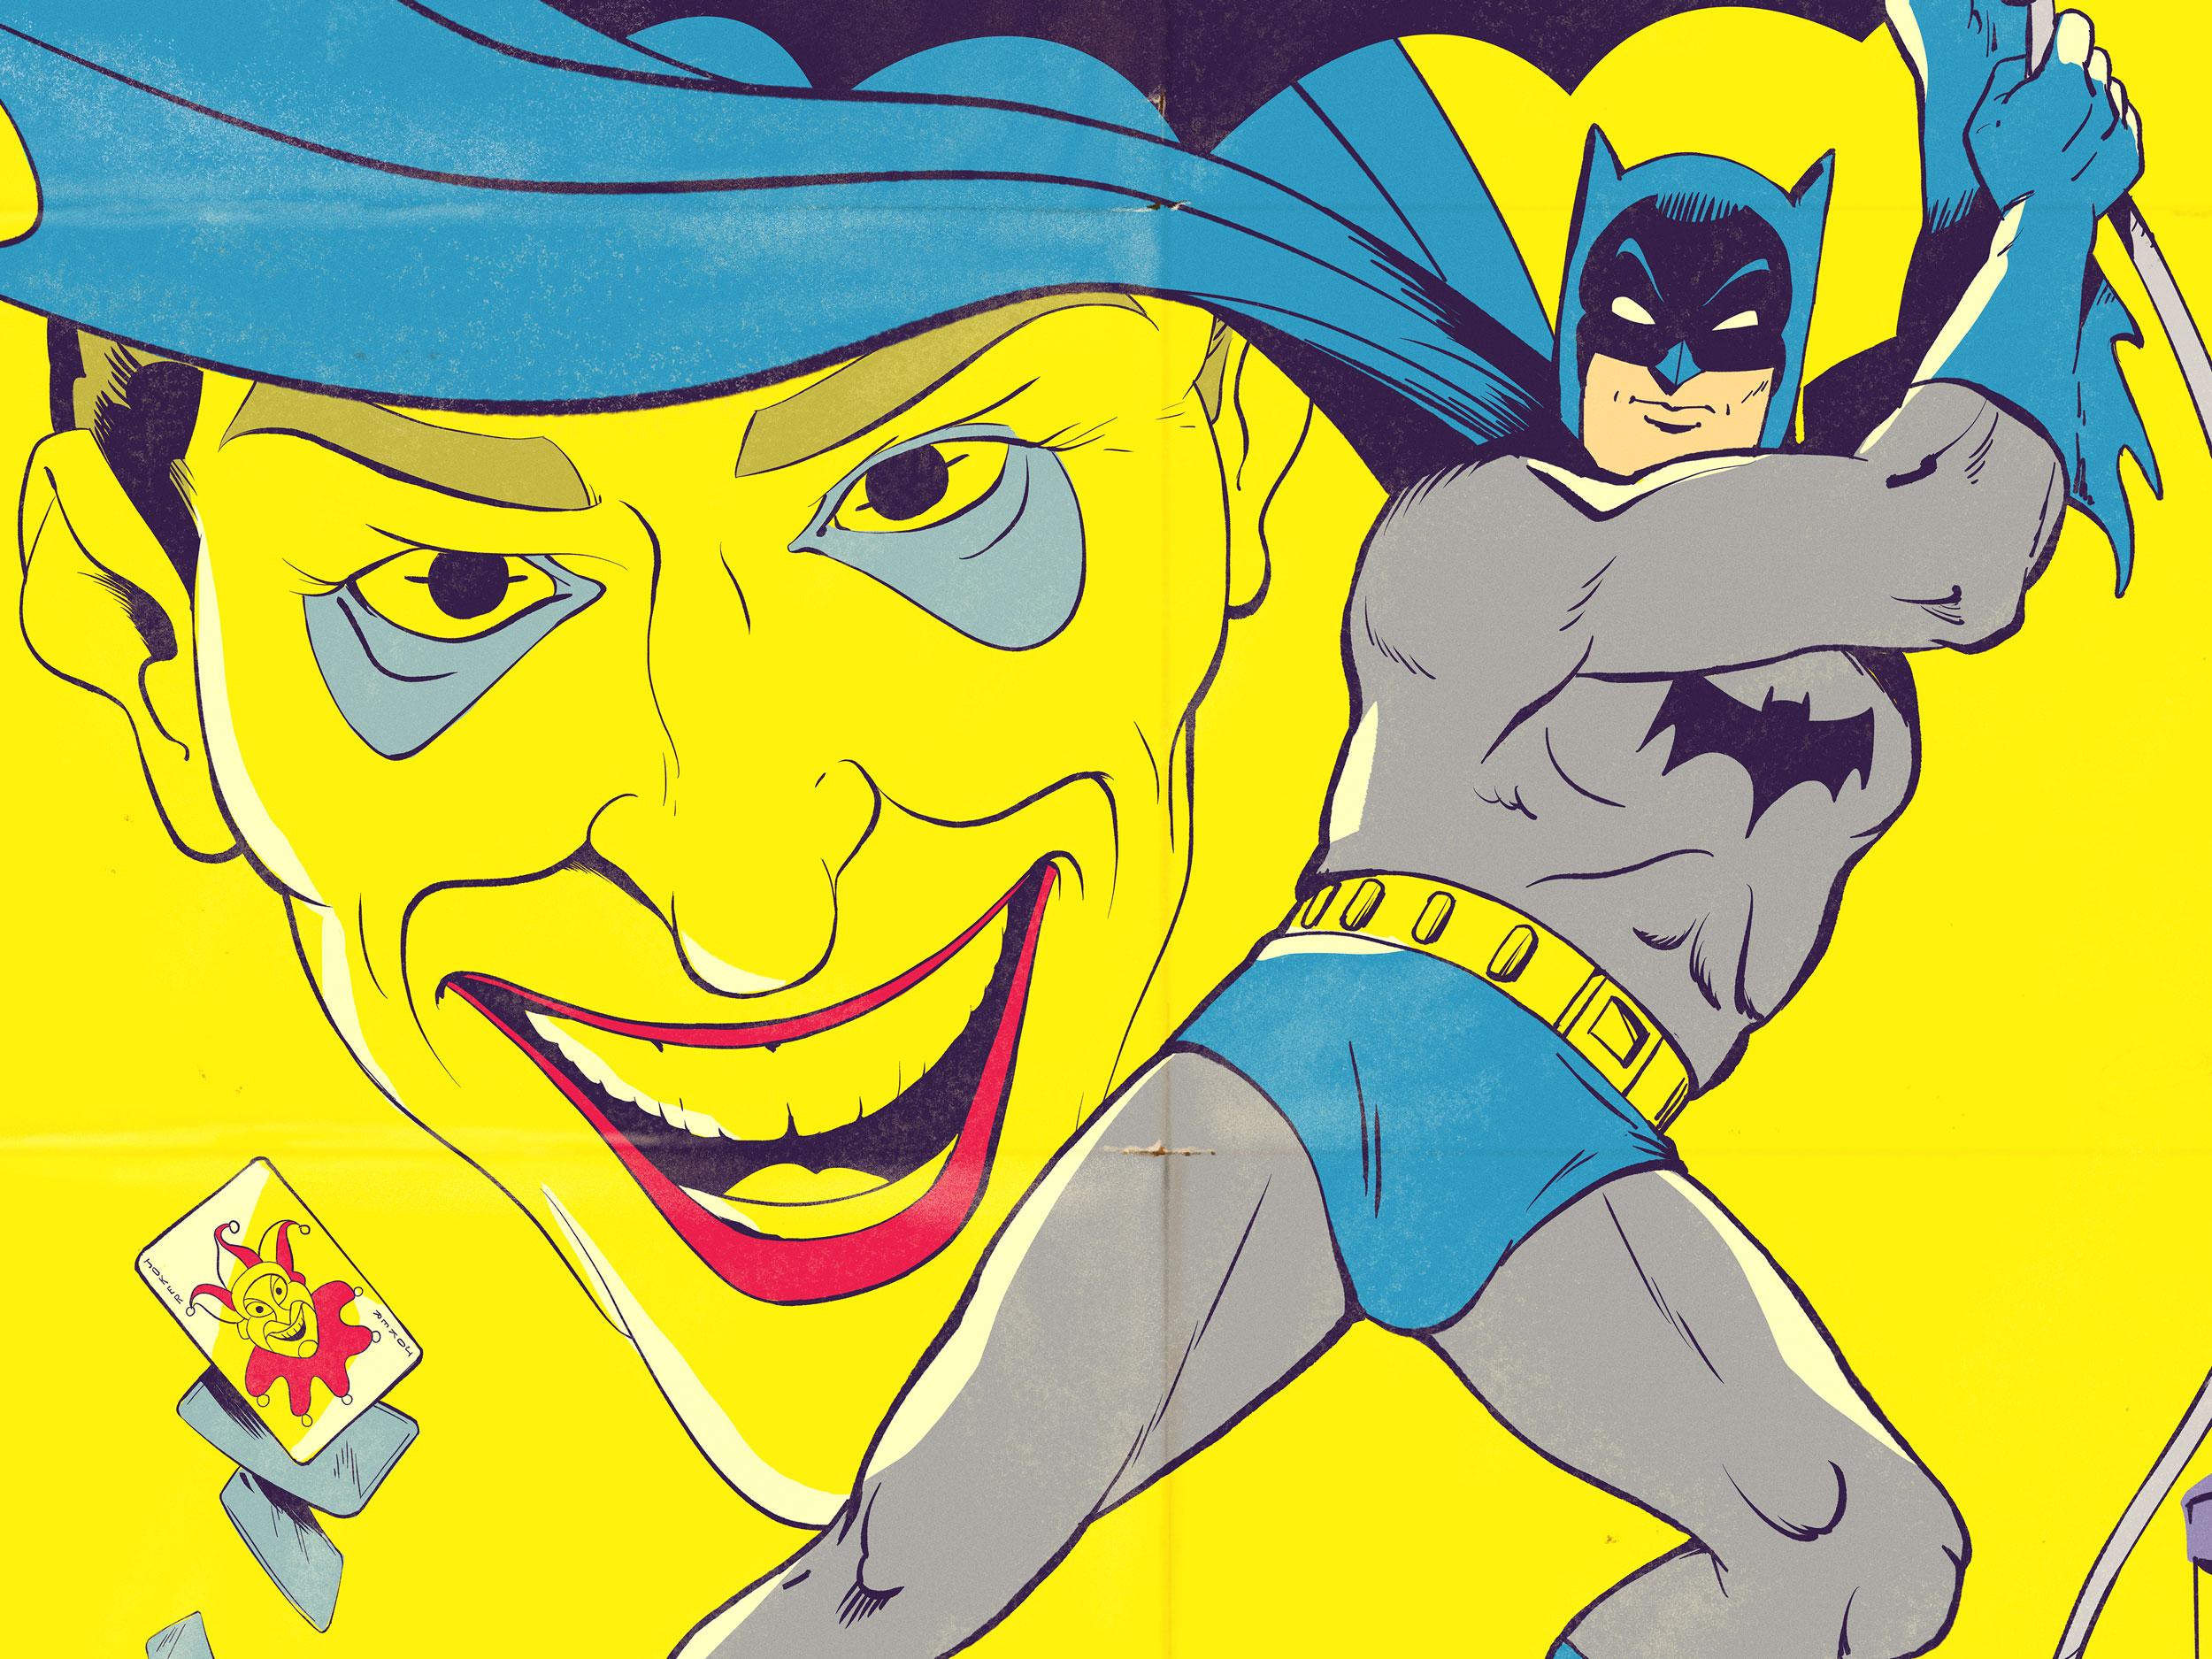 Batman and Joker 1950's